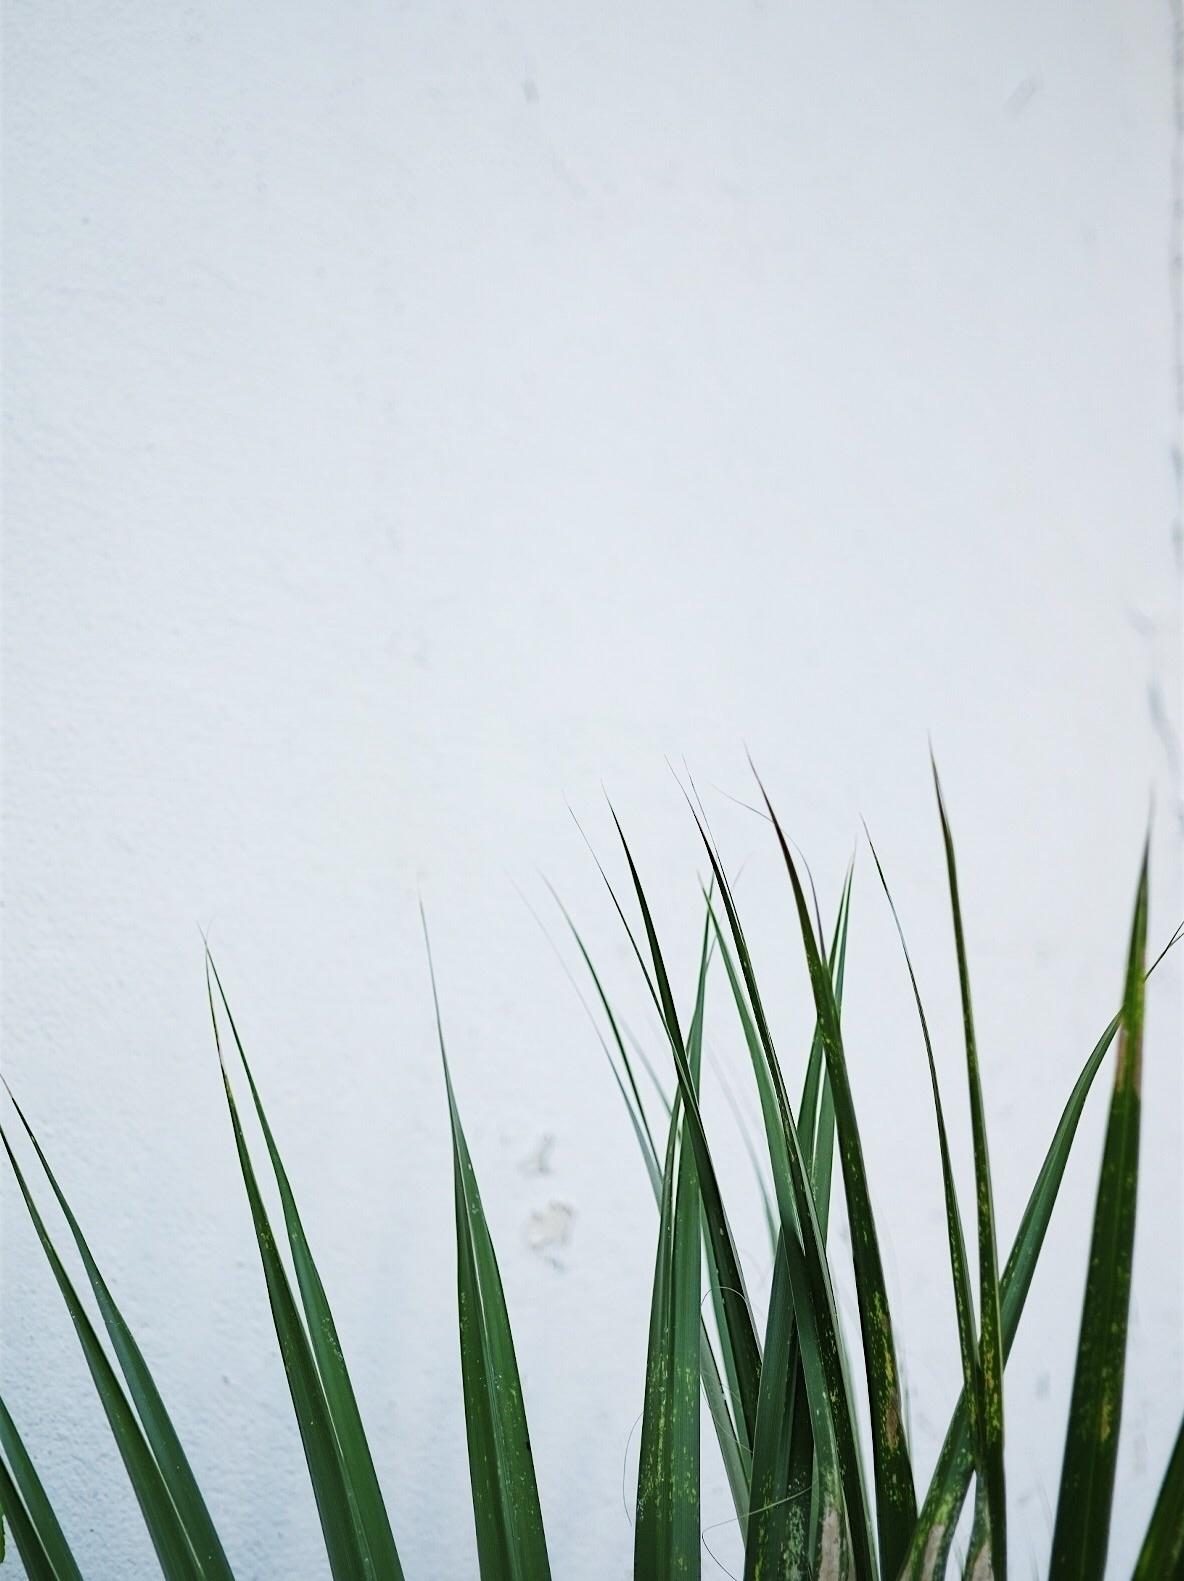 Rise - modern, minimal, botanic - thecontentsco | ello